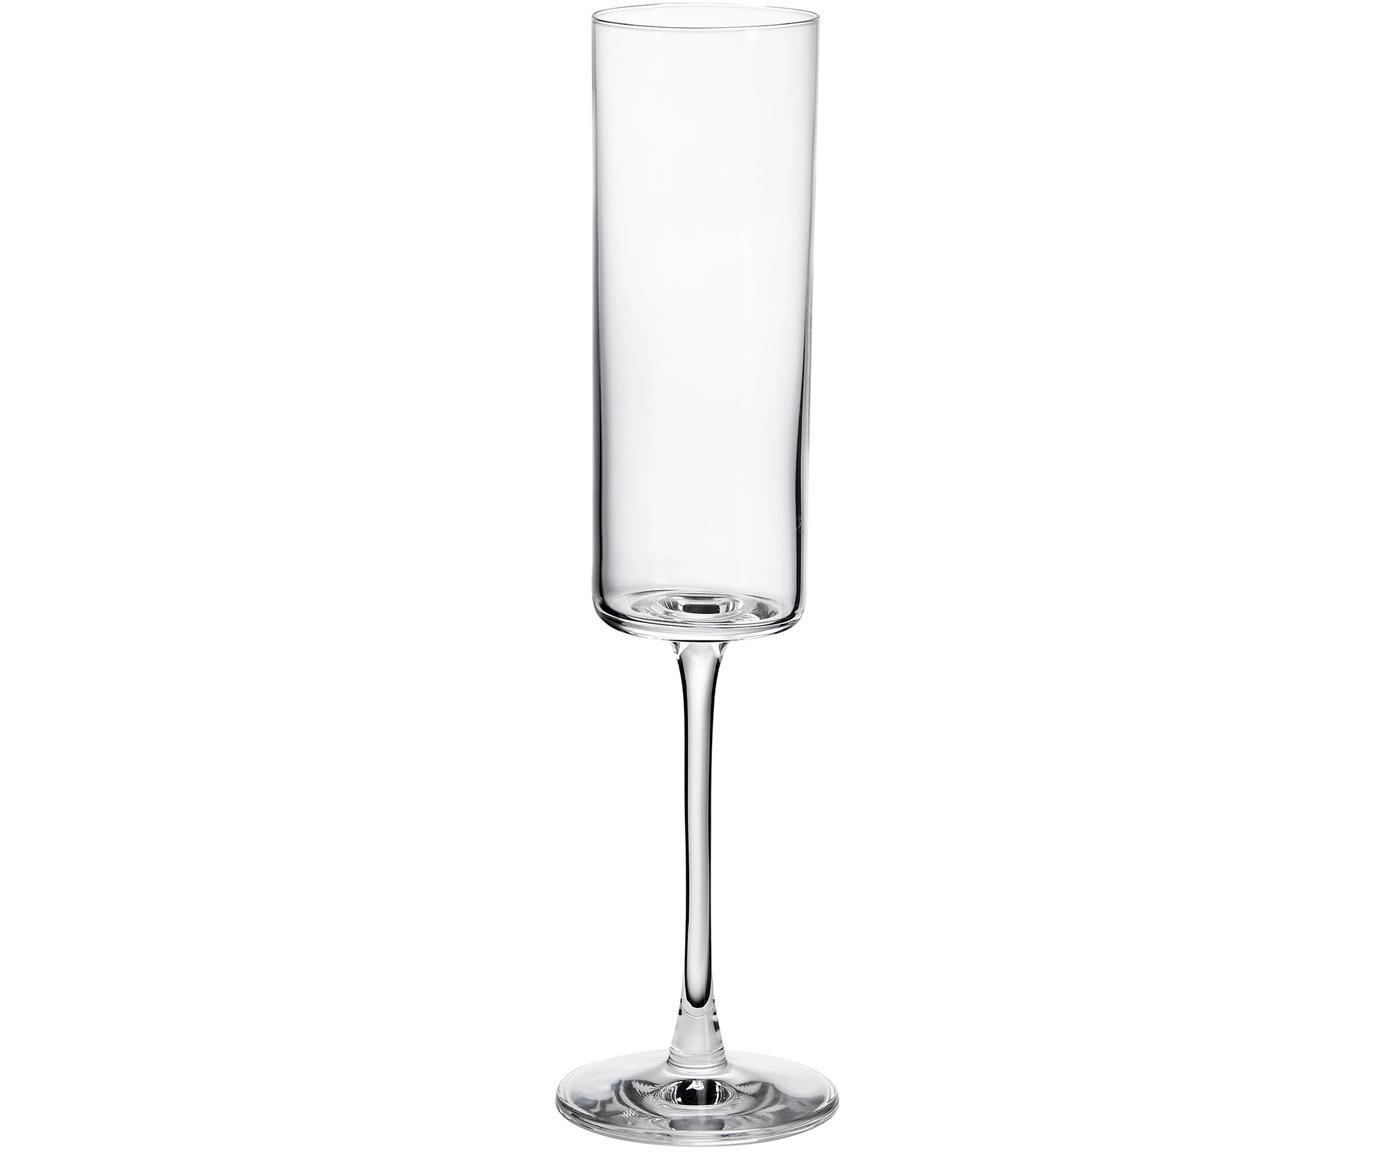 Sektgläser Vino Veritas in edler gerader Form, 6er-Set, Glas, Transparent, Ø 6 x H 23 cm